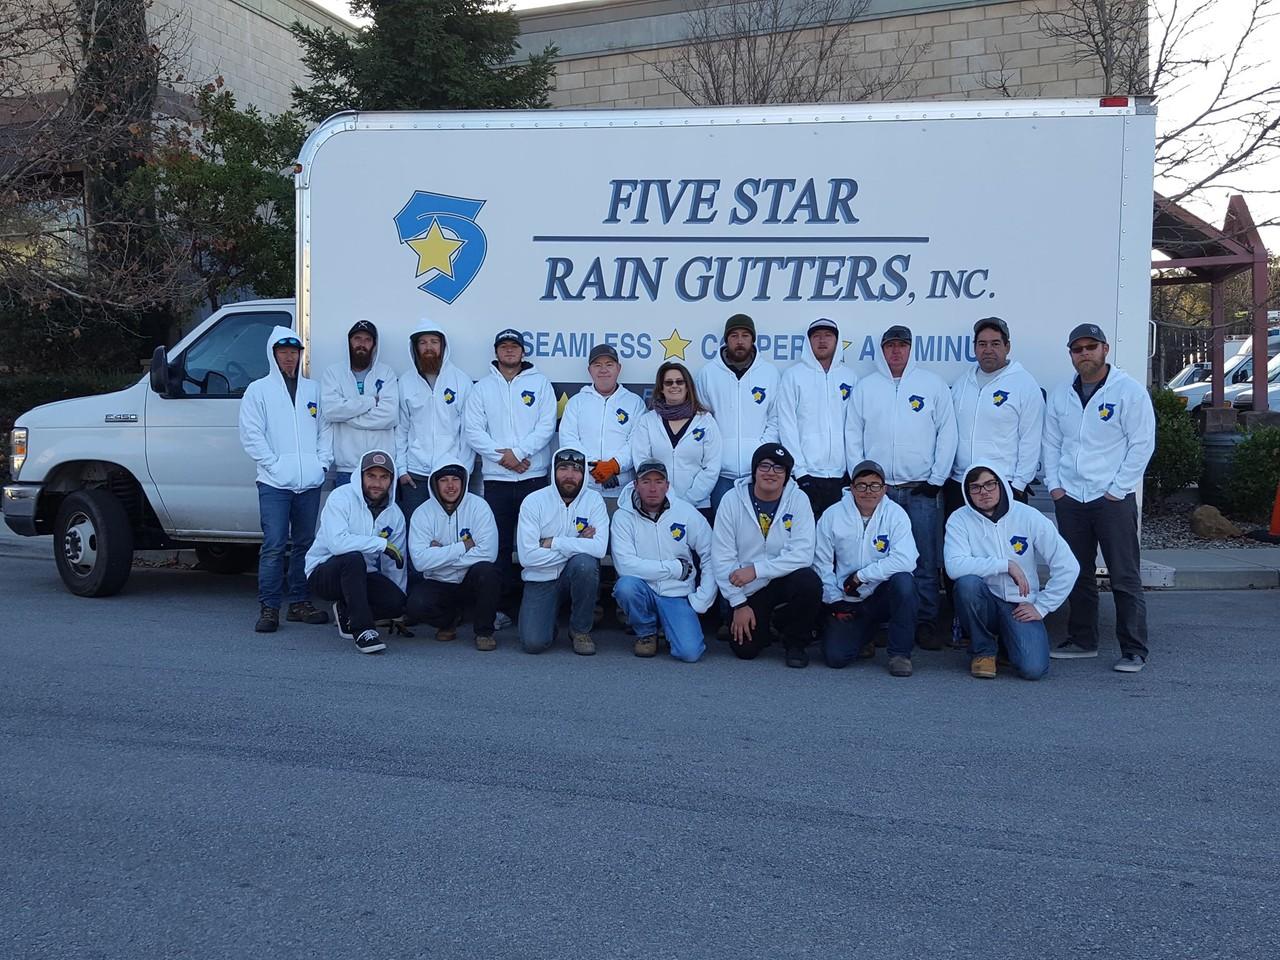 Photo uploaded by Five Star Rain Gutters Inc